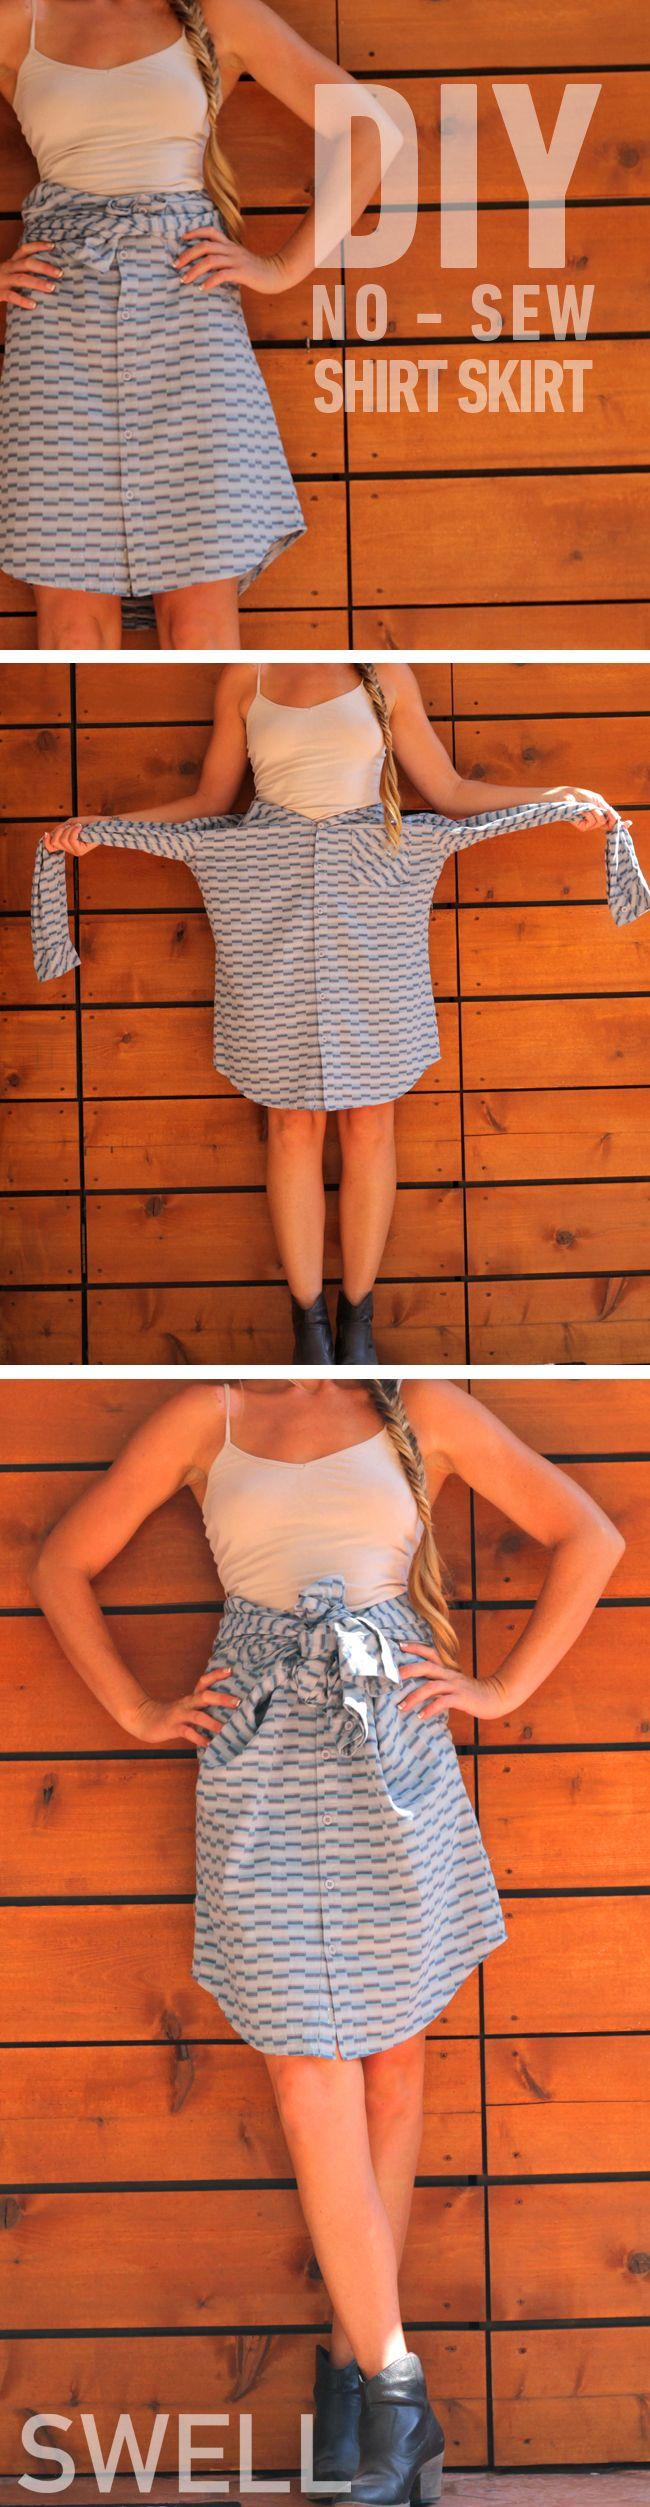 DIY skirt out of a men's shirt. http://blog.swell.com/DIY-shirt-skirt #doityourself #swell